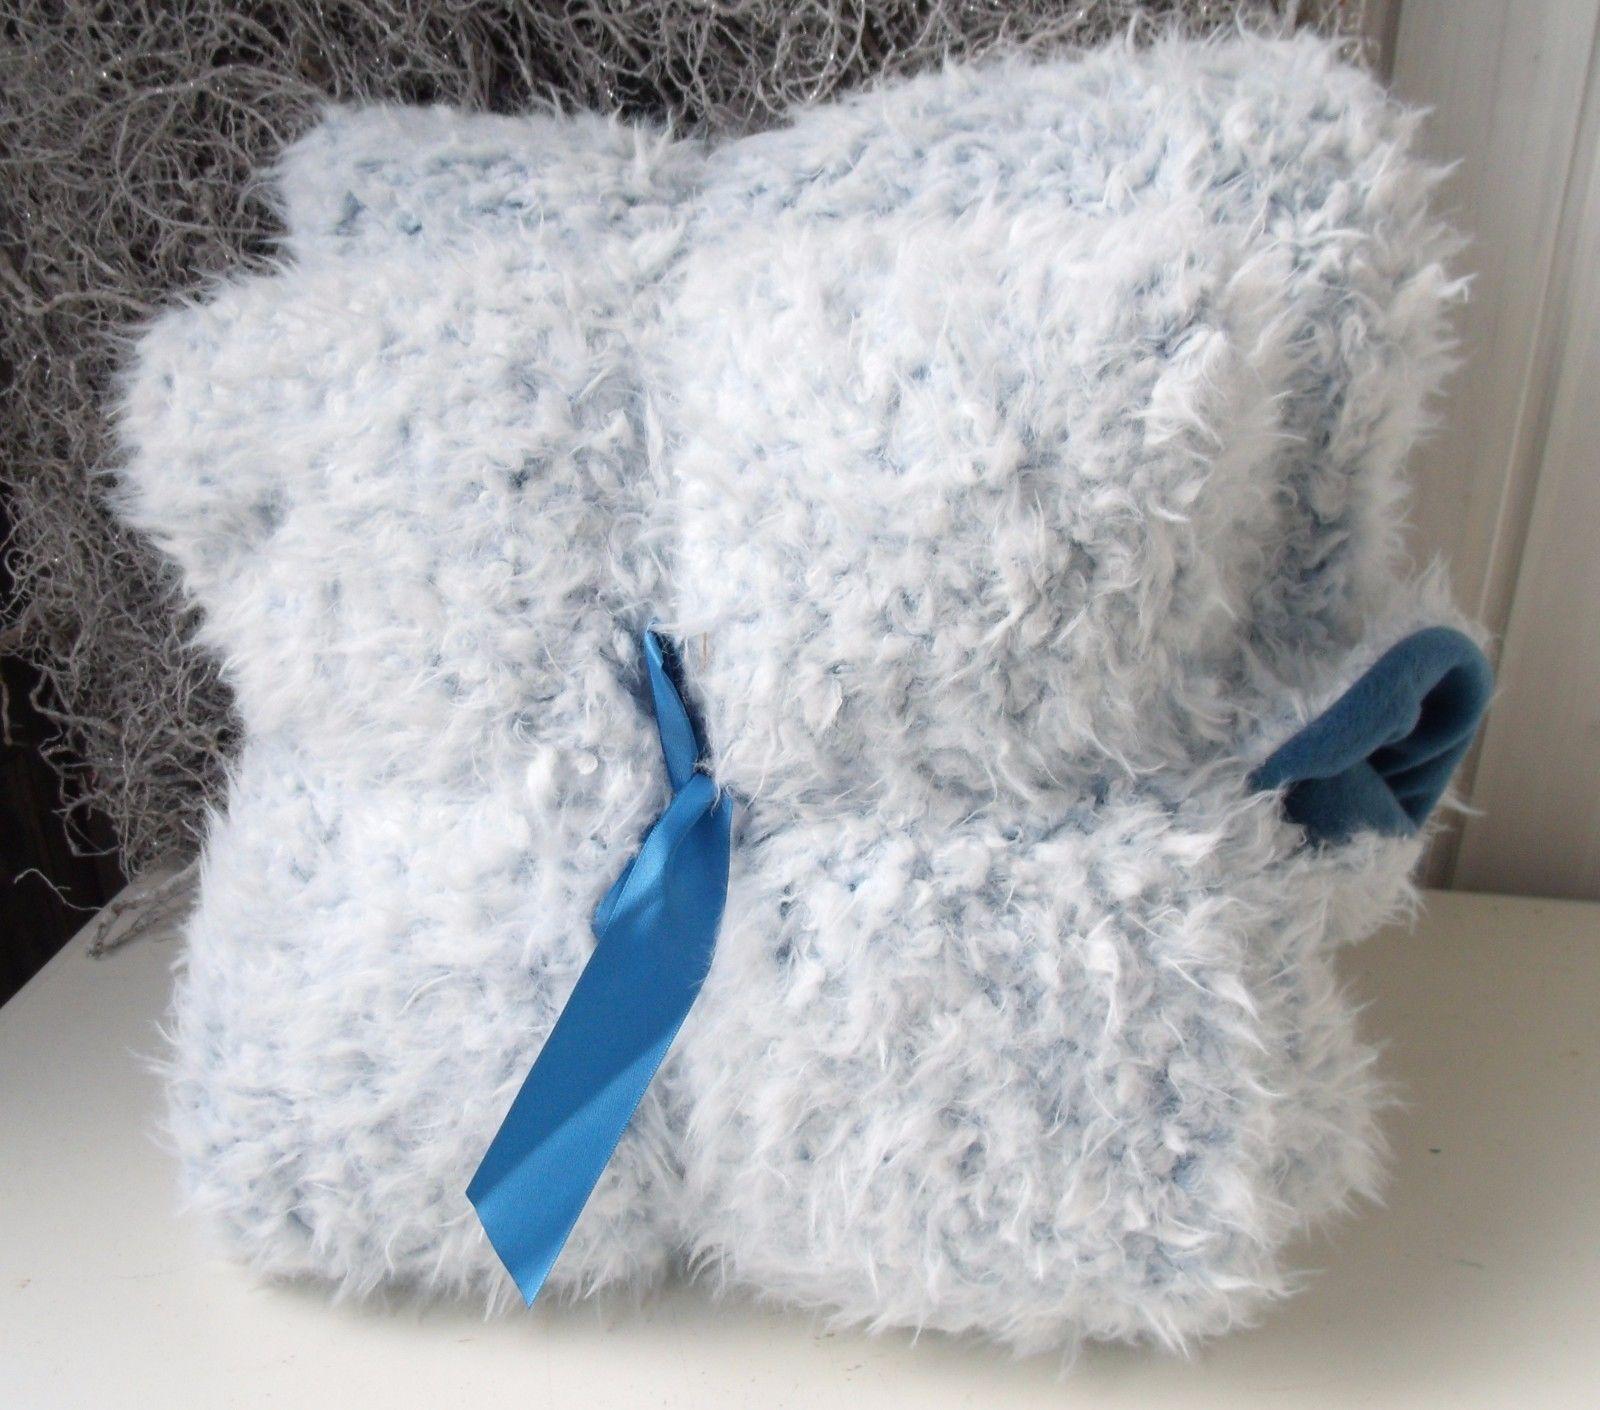 kuscheldecke teddy flausch hellblau 2in1 sofadecke 150x200 cm wohn kuscheldecken decken. Black Bedroom Furniture Sets. Home Design Ideas